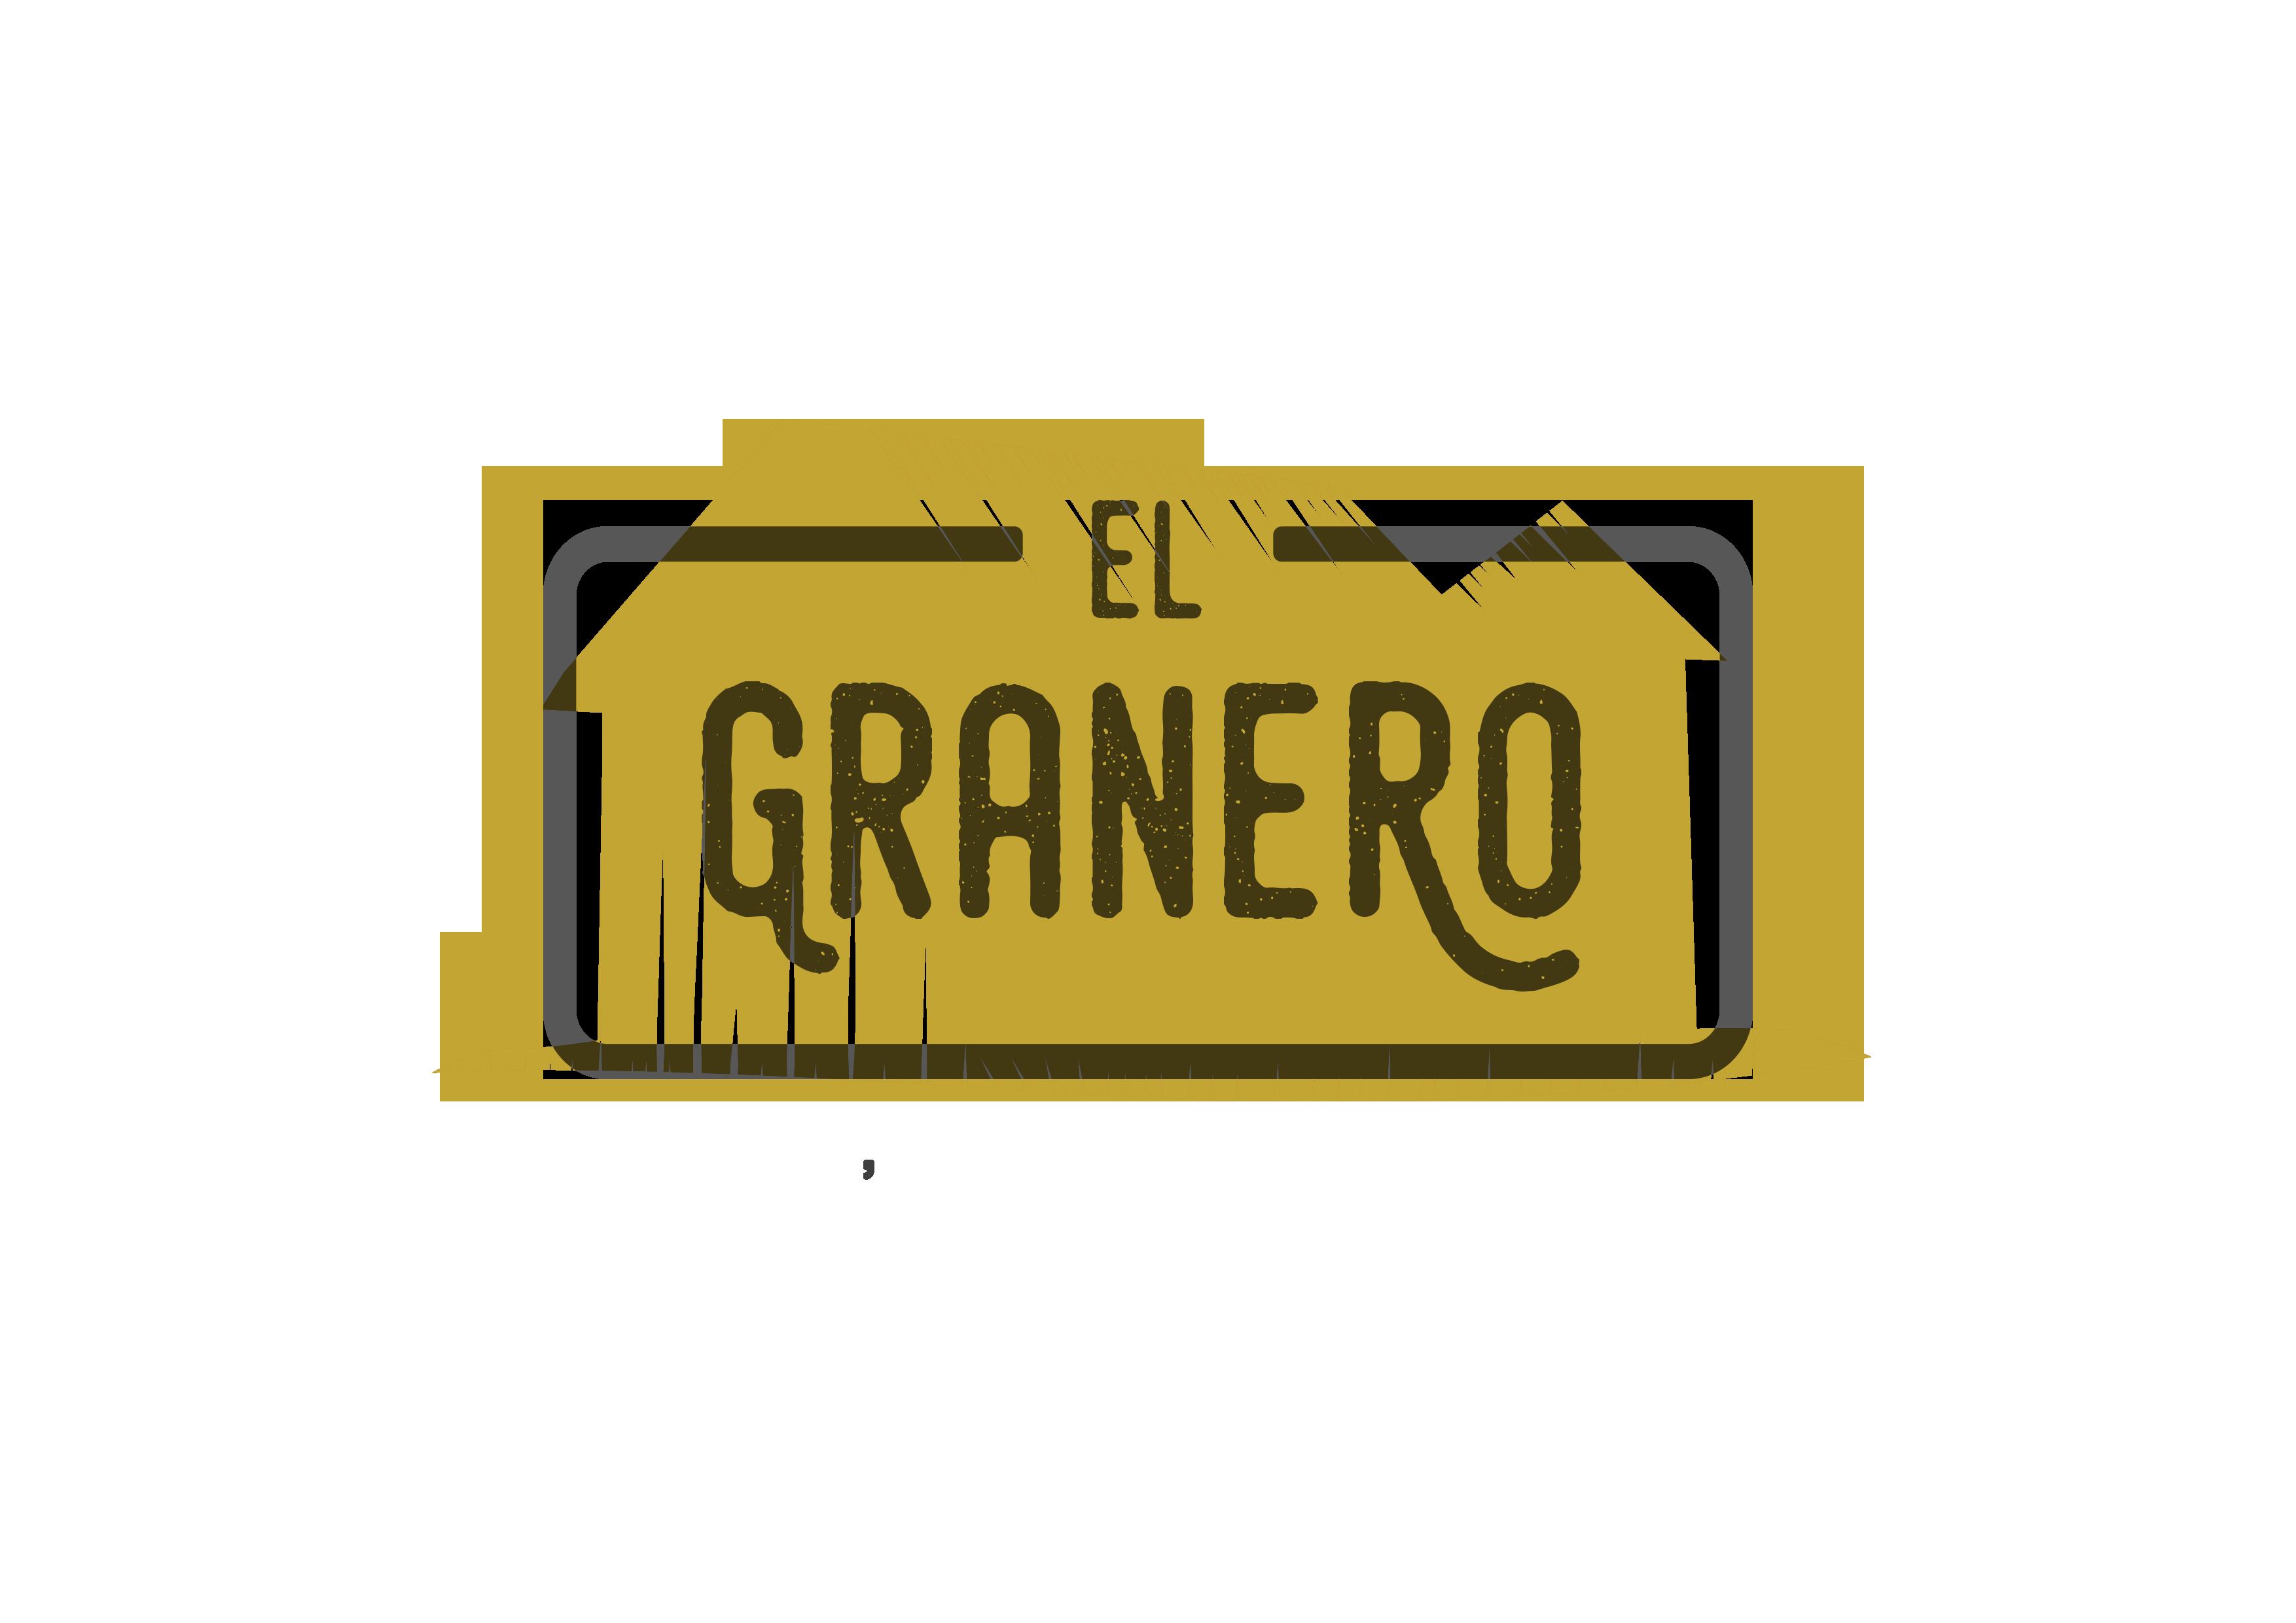 LOGO_ELGRANERO